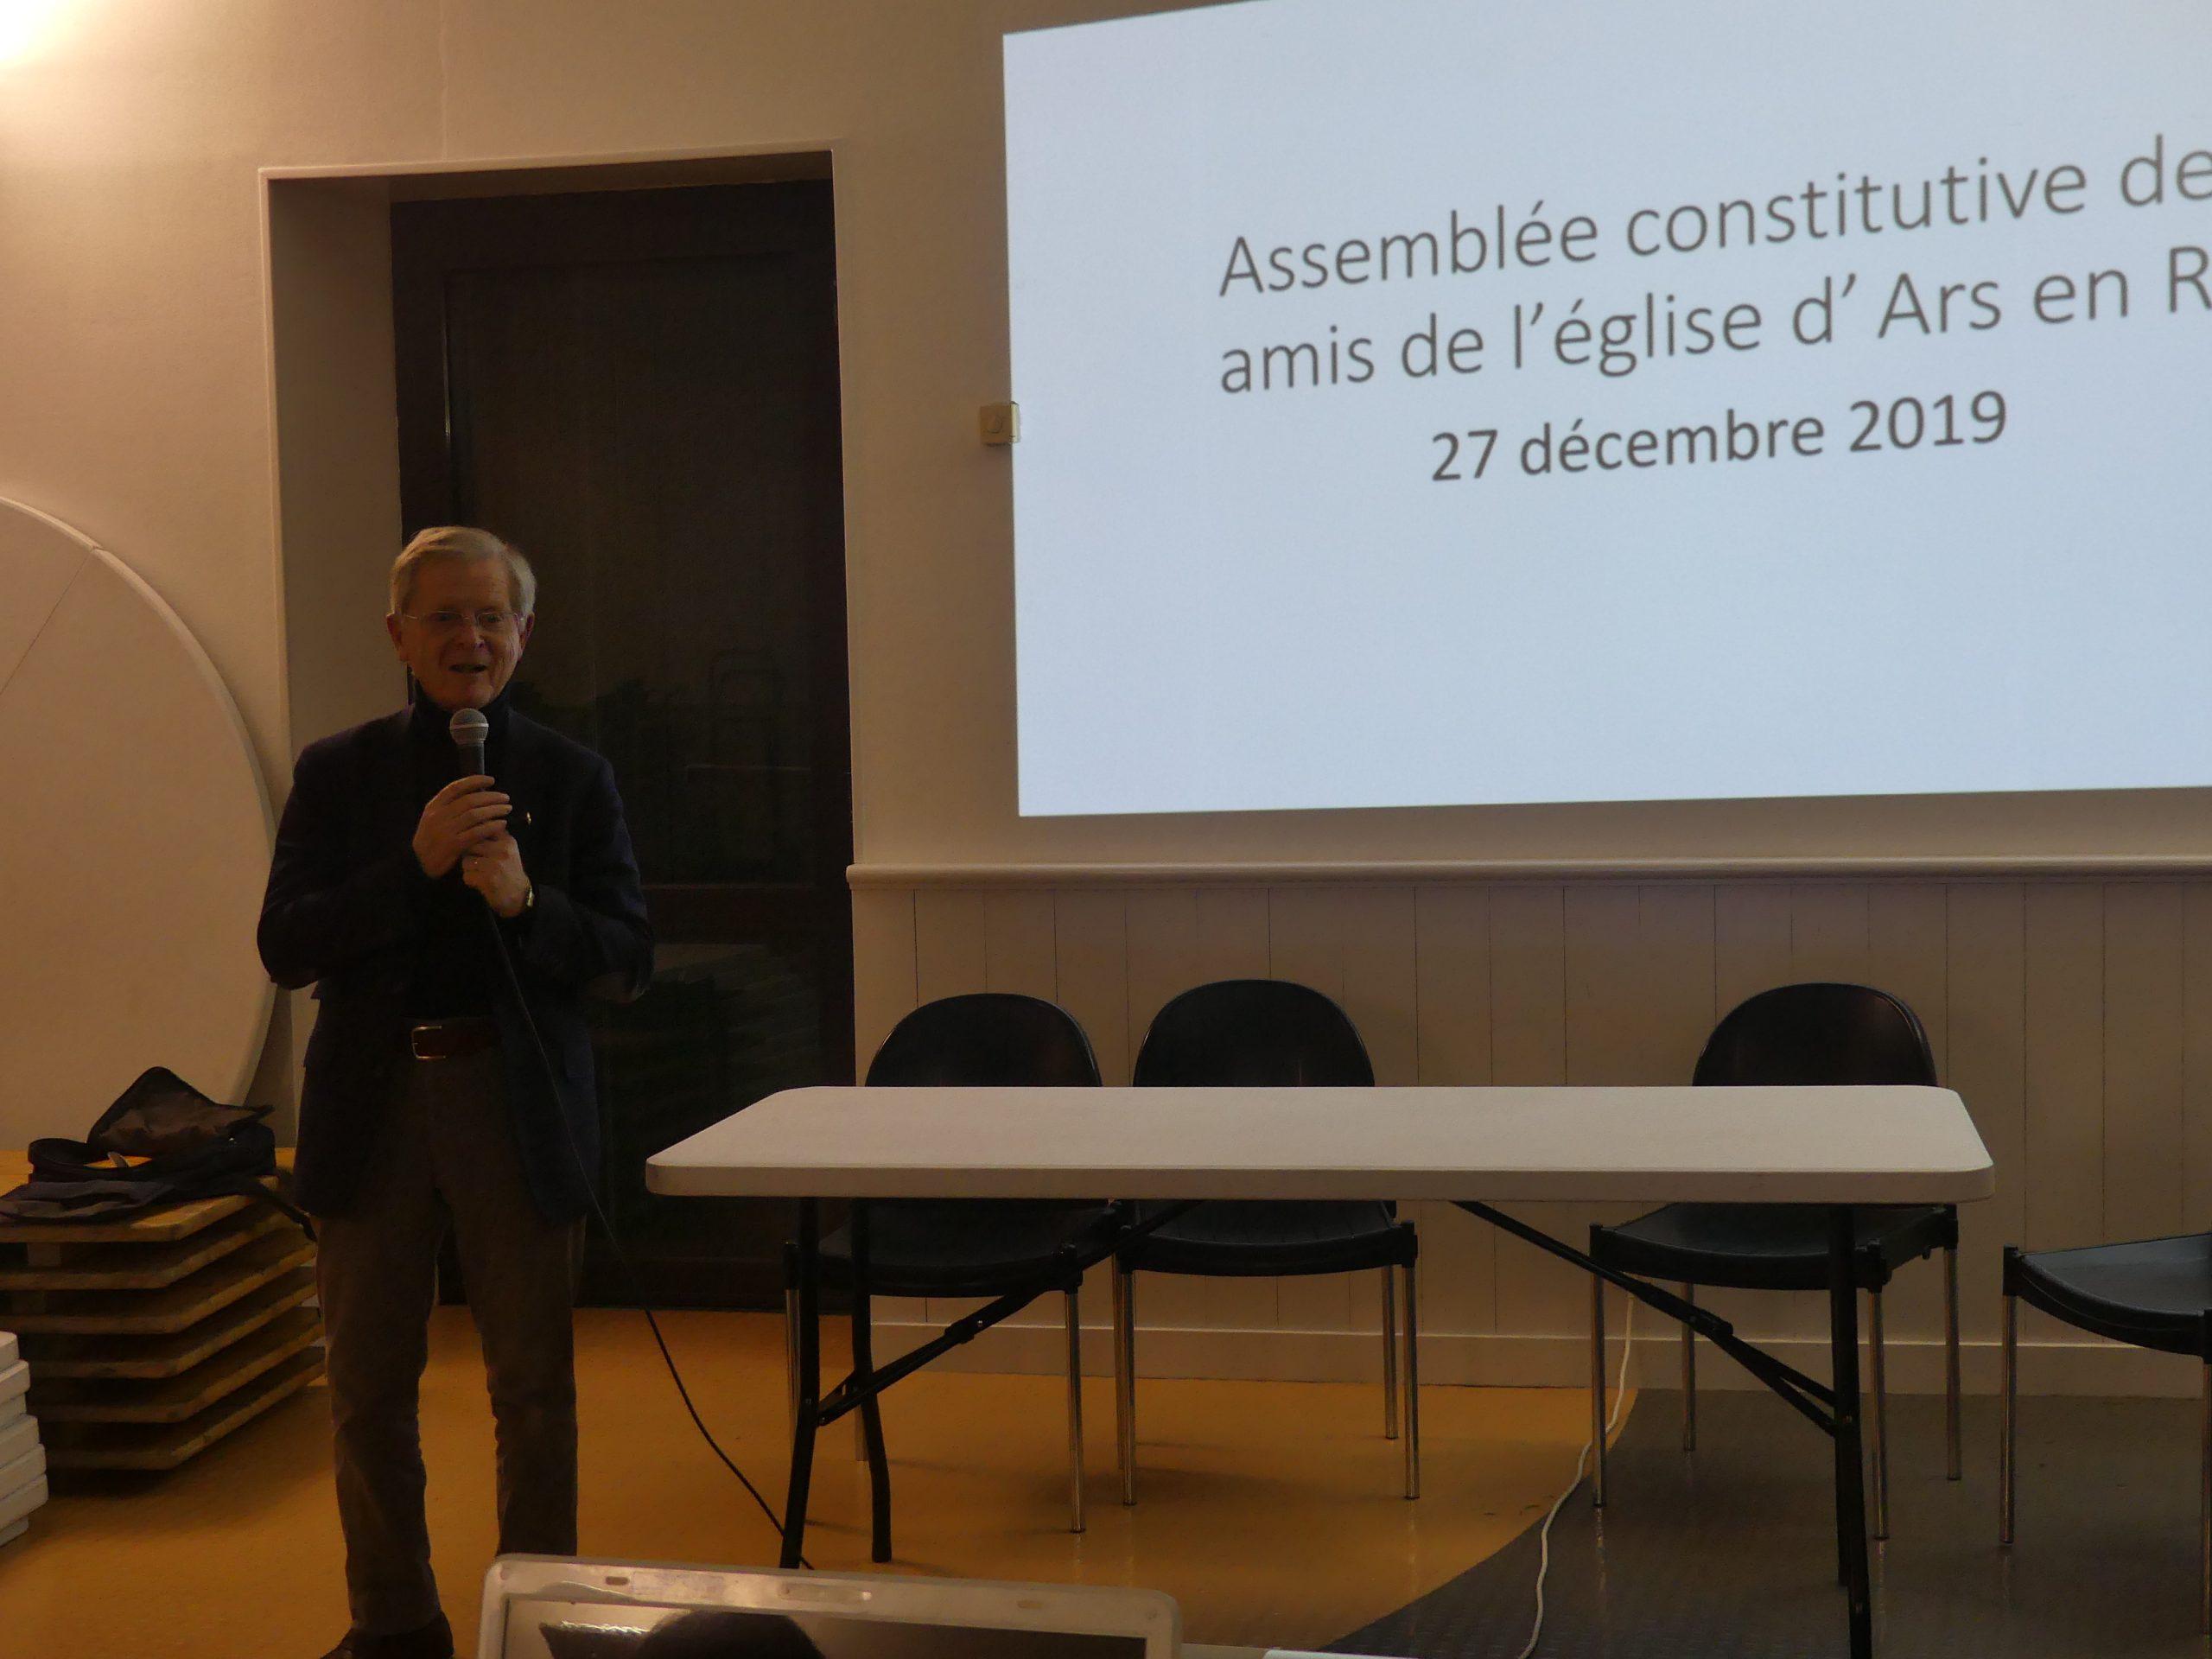 Ars - Jérôme Vignon Président des Amis de l'église - 27 décembre 2019